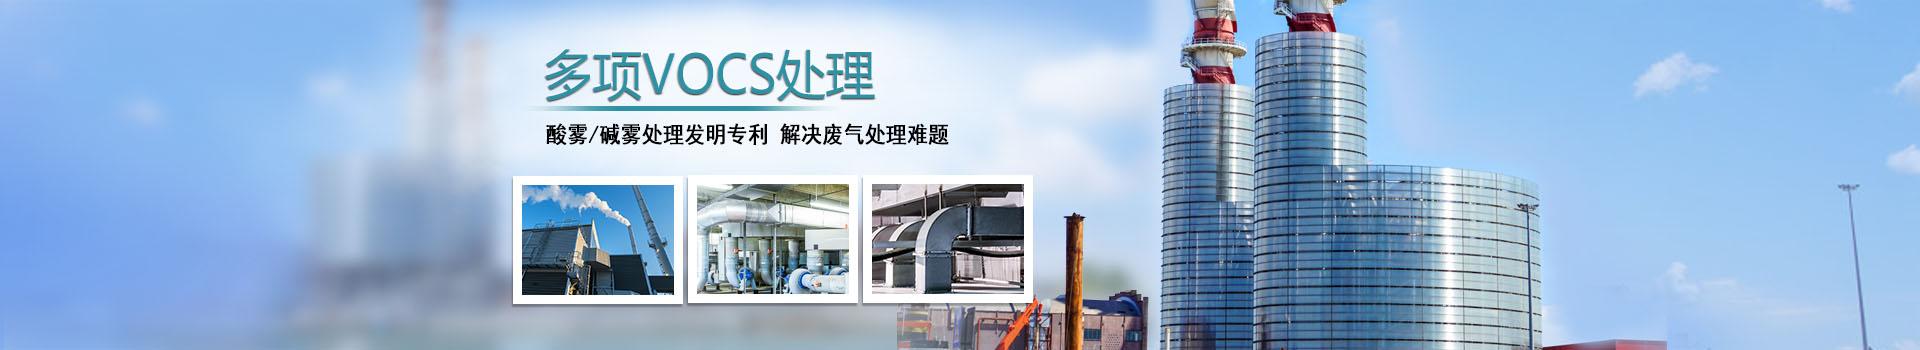 水清木华 废气处理工程